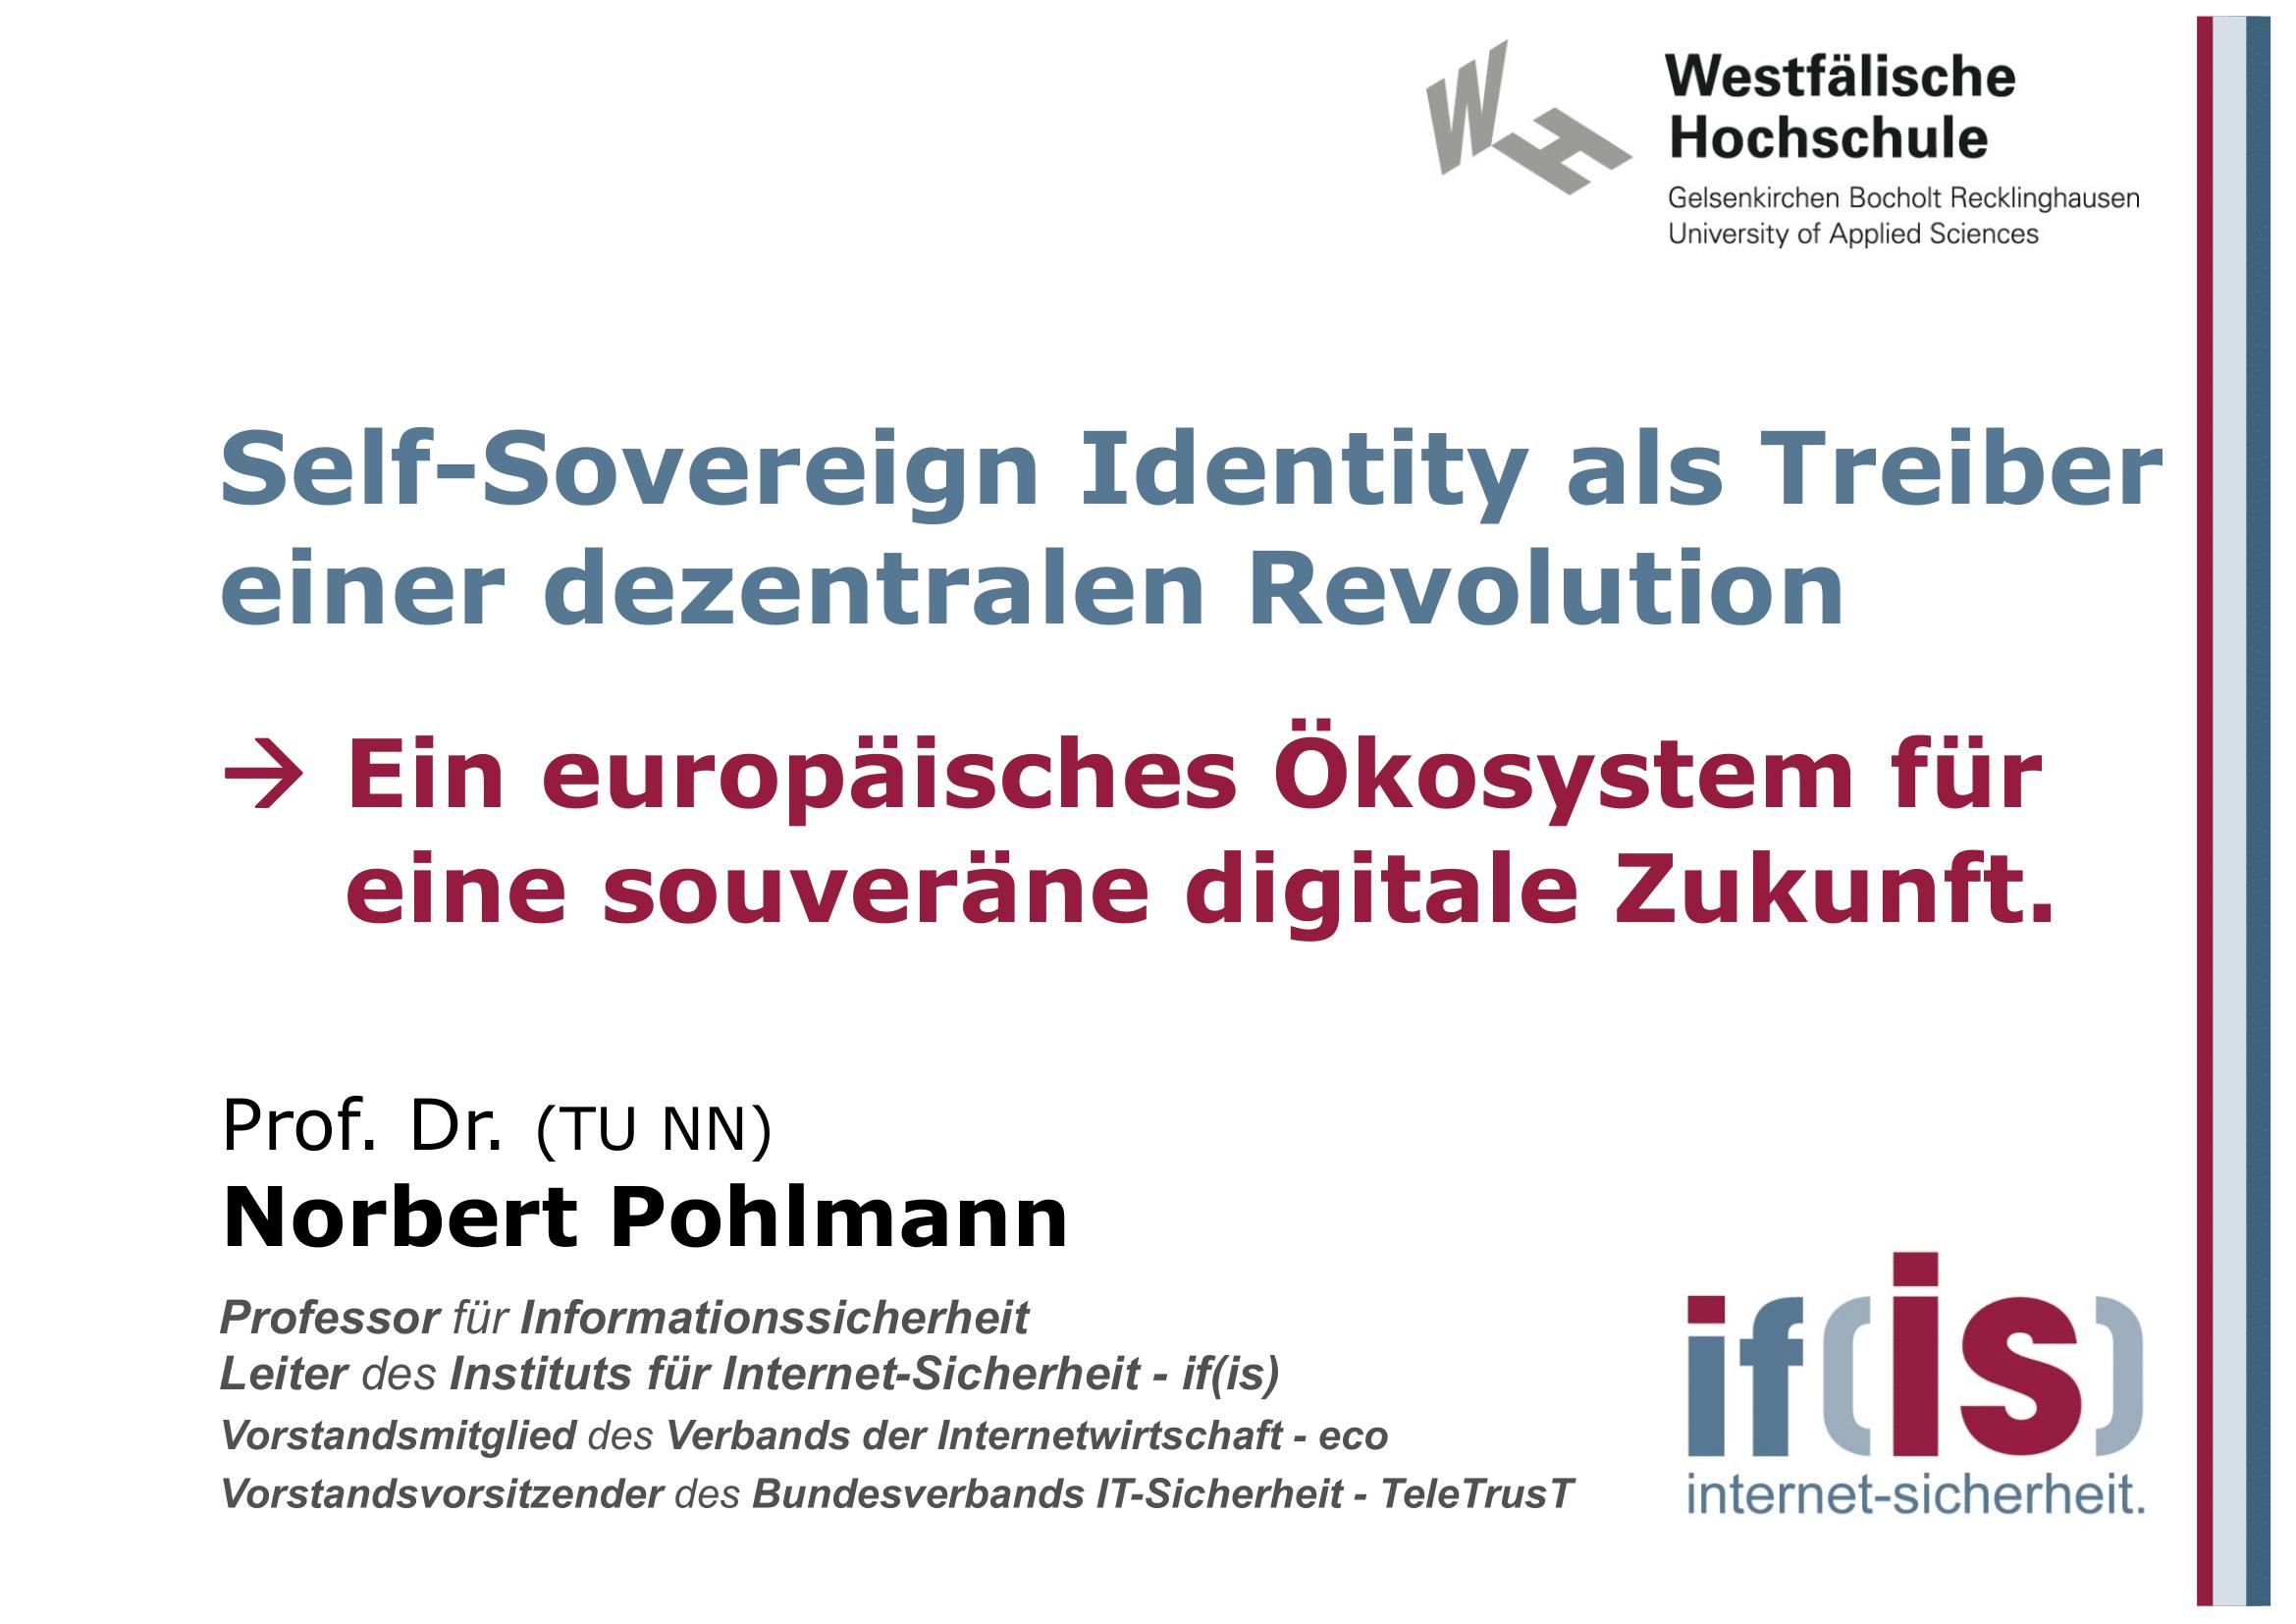 396 - Self-Sovereign Identity als Treiber einer dezentralen Revolution - Ein europäisches Ökosystem für eine souveräne digitale Zukunft - Prof Norbert Pohlmann